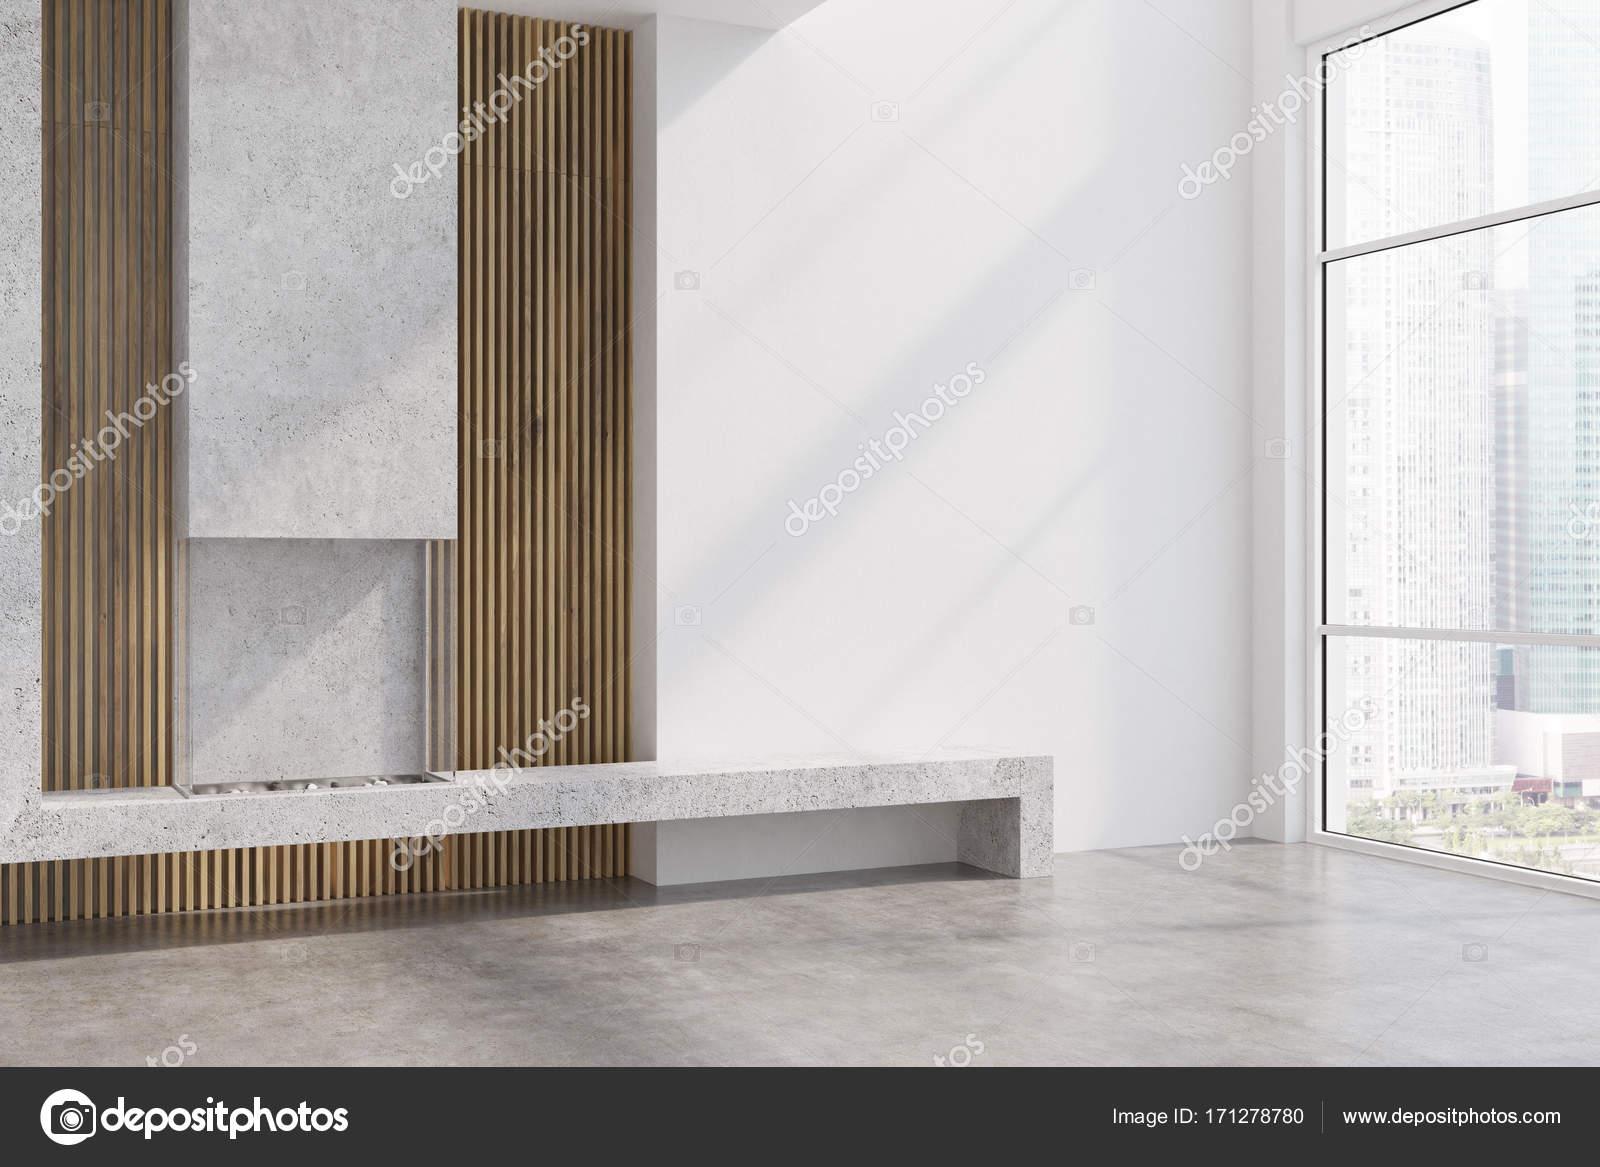 Beton Und Holz Wohnzimmer Kamin Seite Stockfoto C Denisismagilov